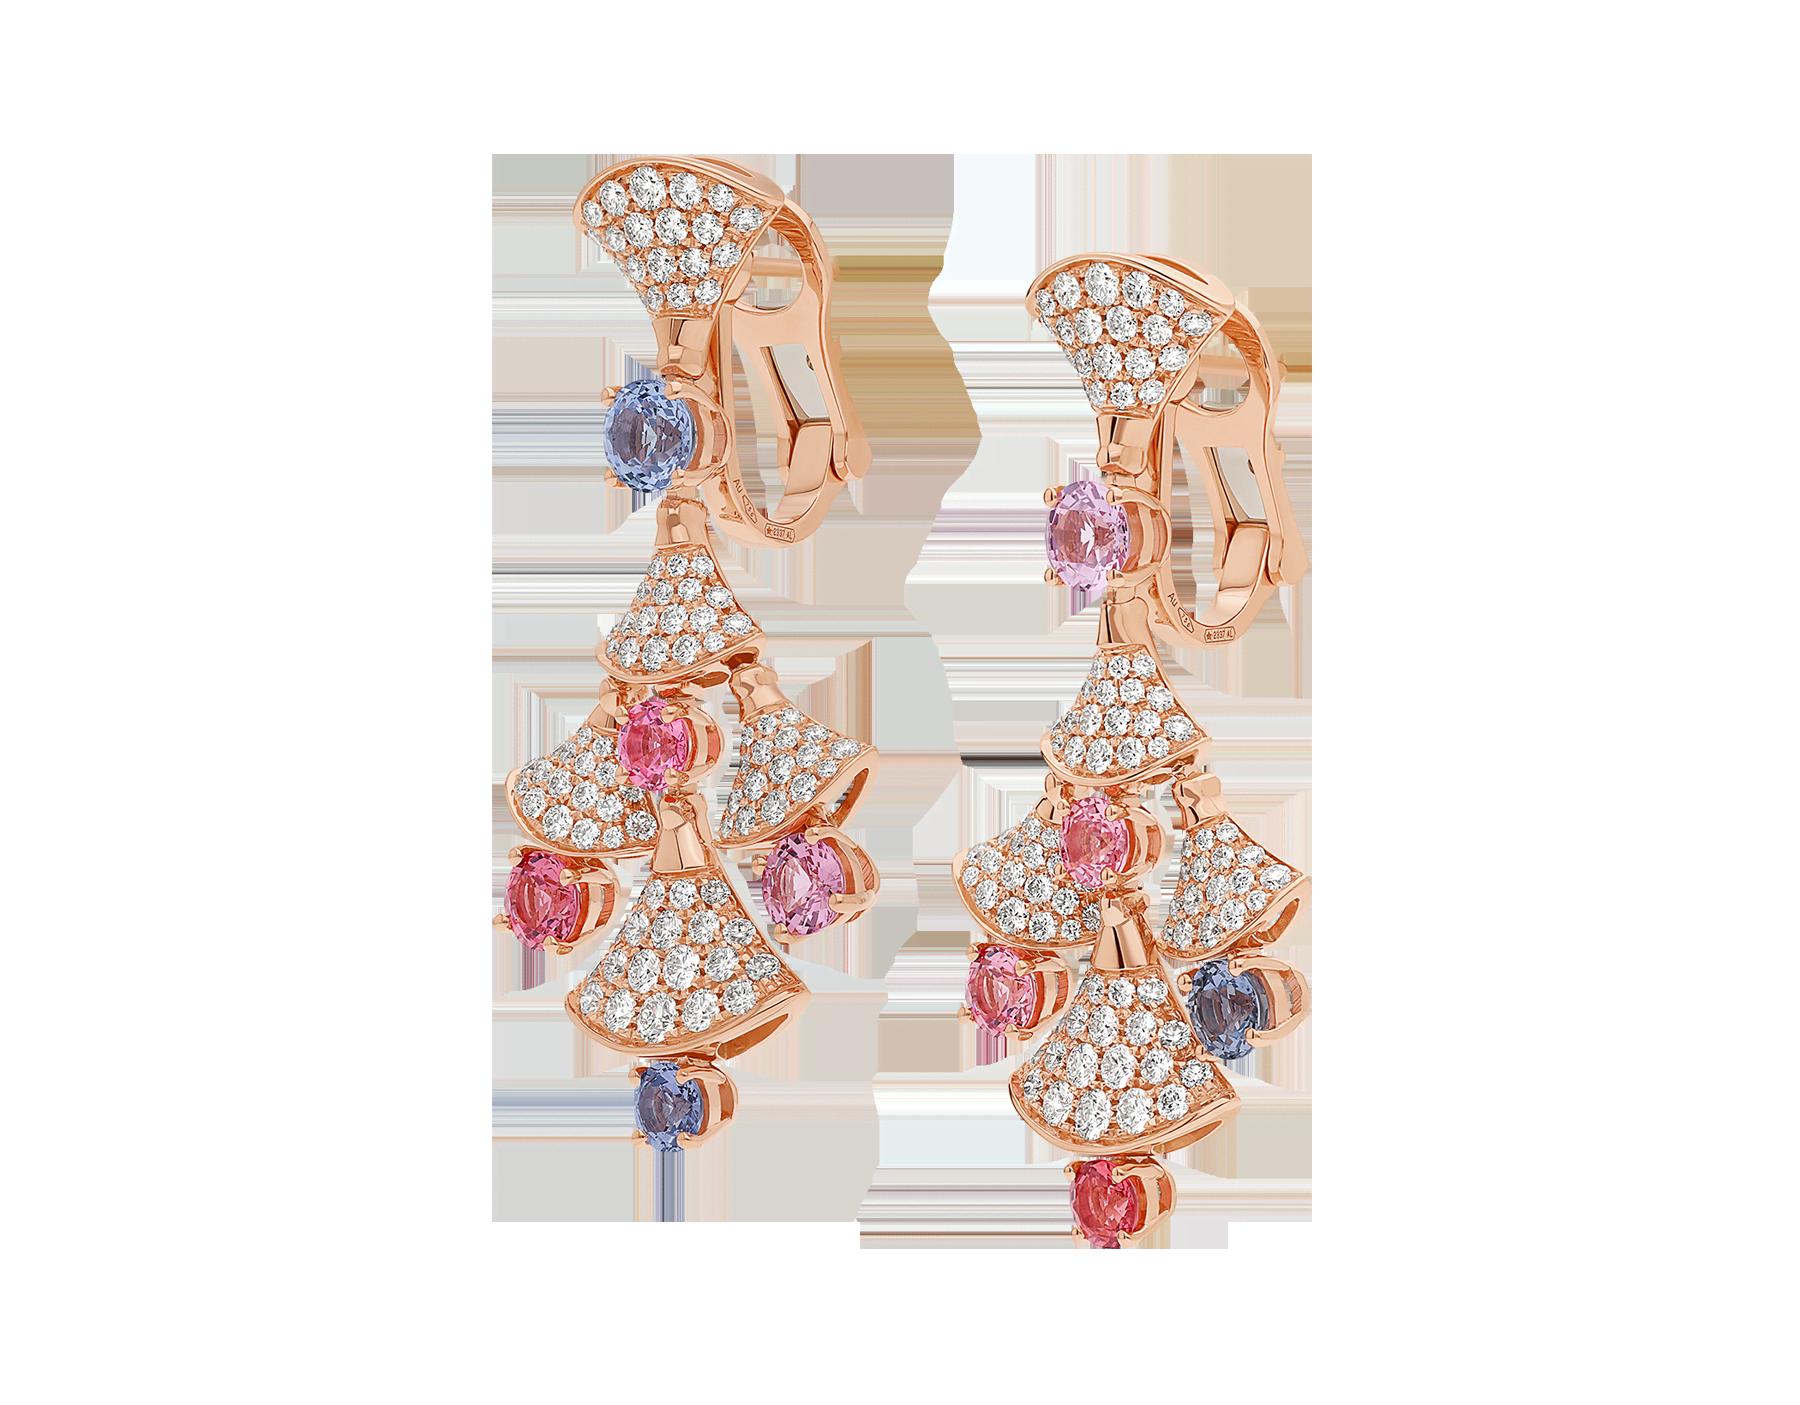 Серьги DIVAS' DREAM, розовое золото 18карат, шпинели классической огранки (3,81 карата), бриллиантовое паве (2,22 карата). 357943 image 2